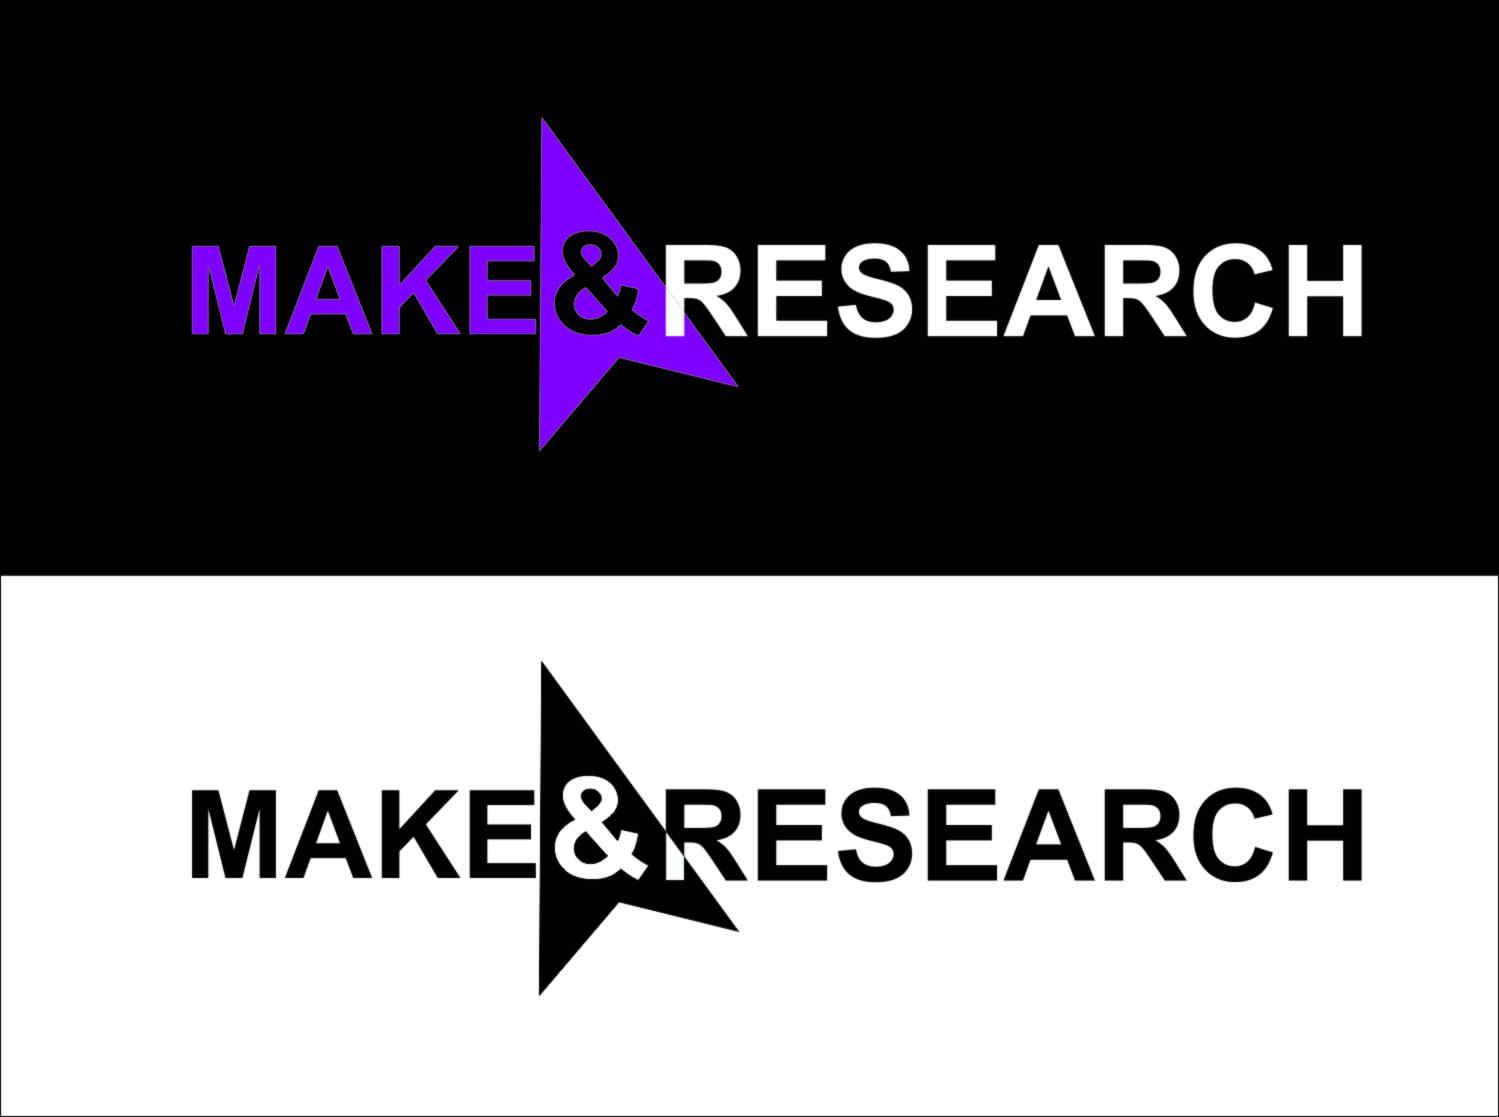 Разработка логотипа и фирменного стиля - дизайнер khanman